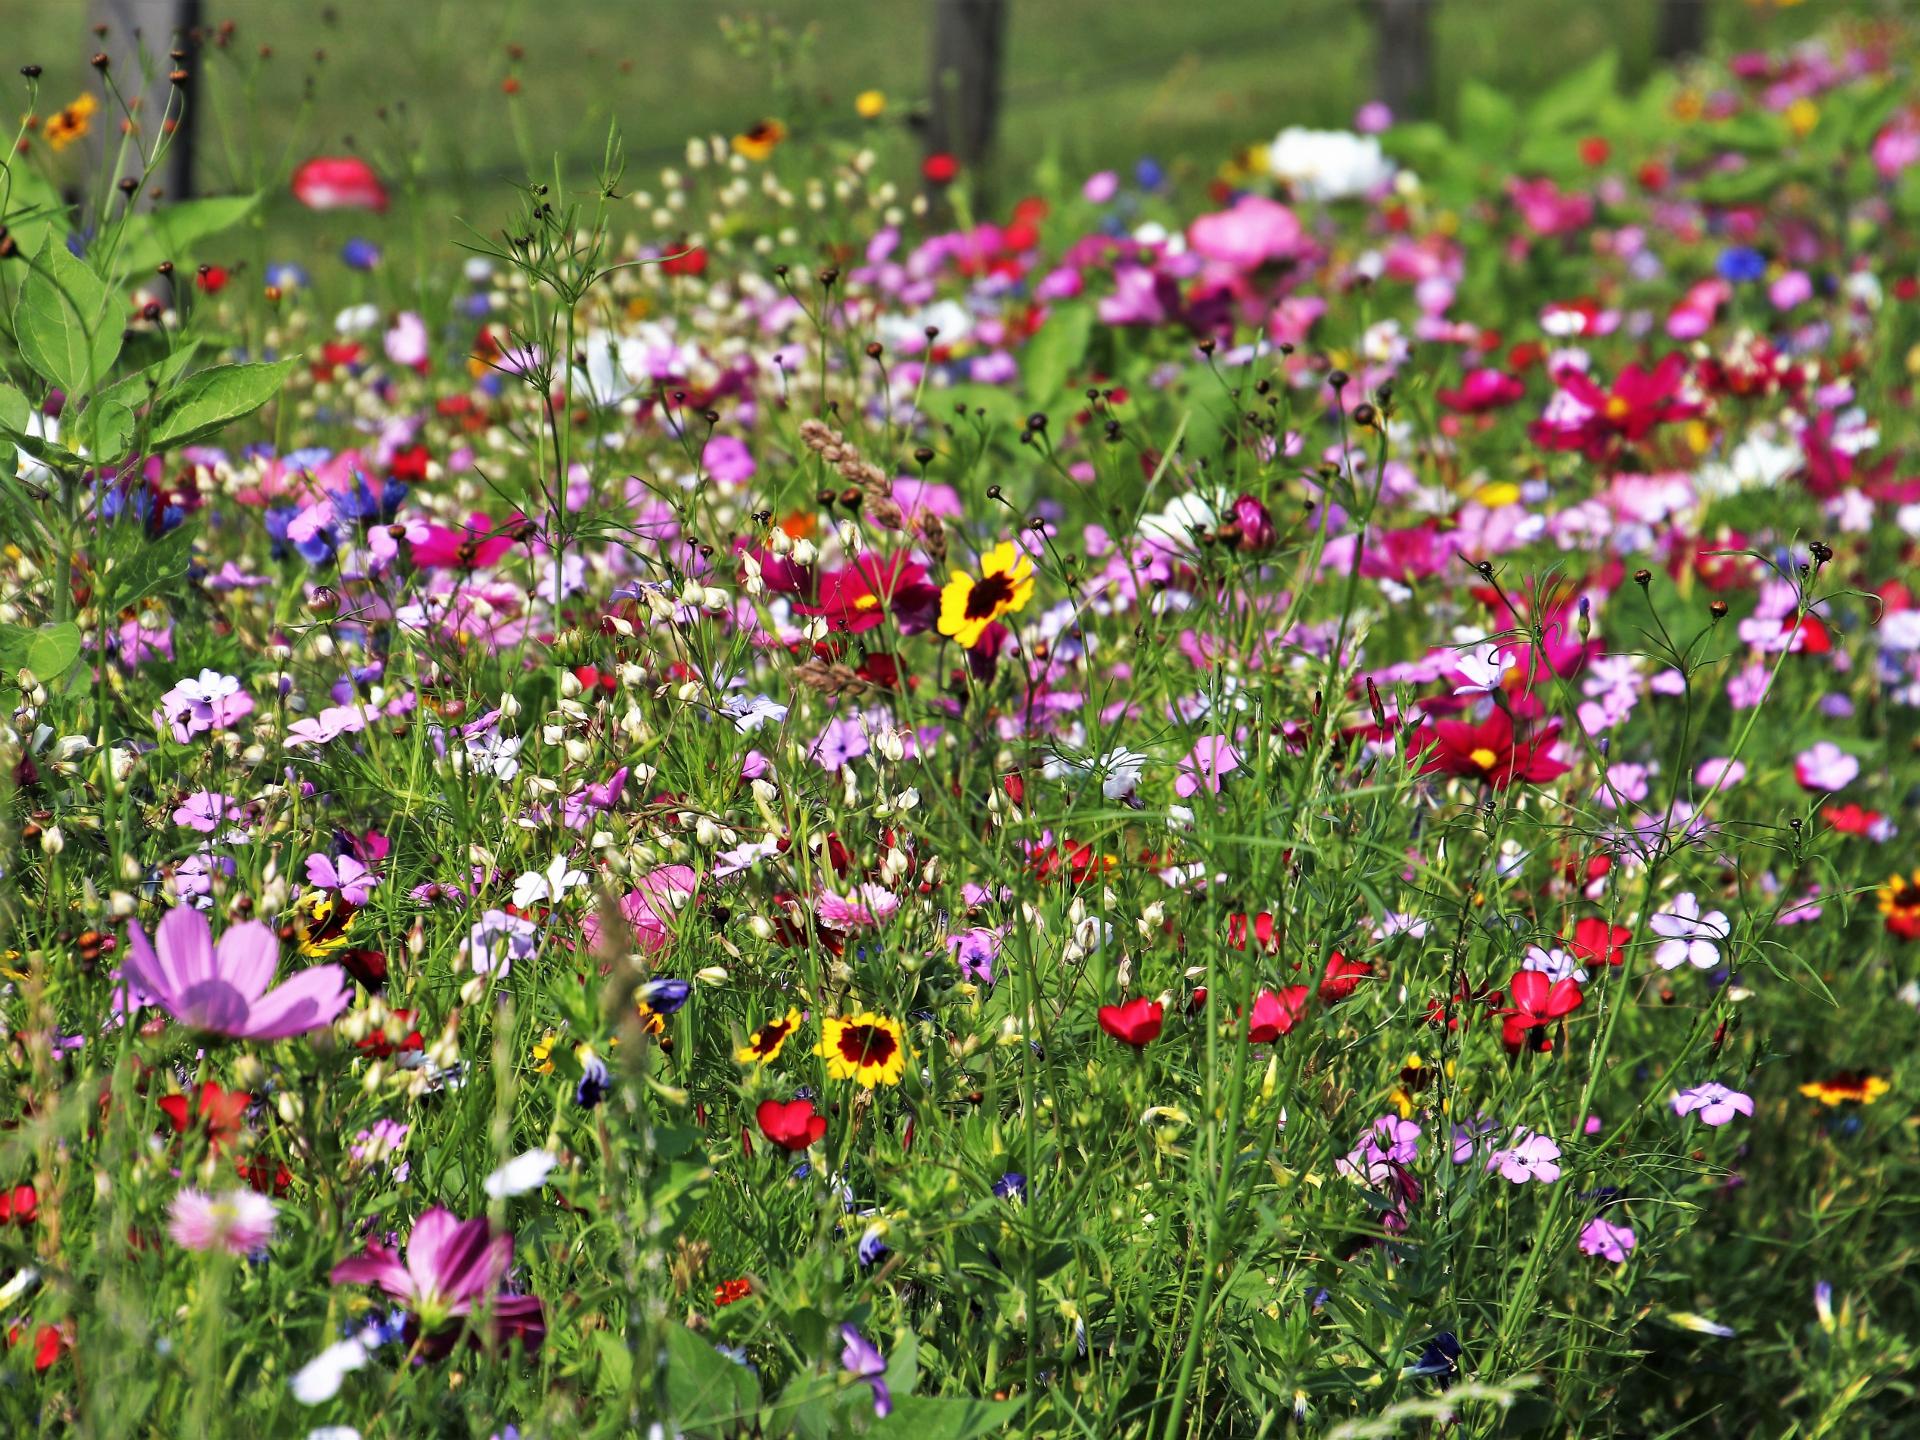 Artenreiche Wildblumenwiesen werden immer mehr zur Seltenheit. - Photocredit: pixabay.com/pasja1000